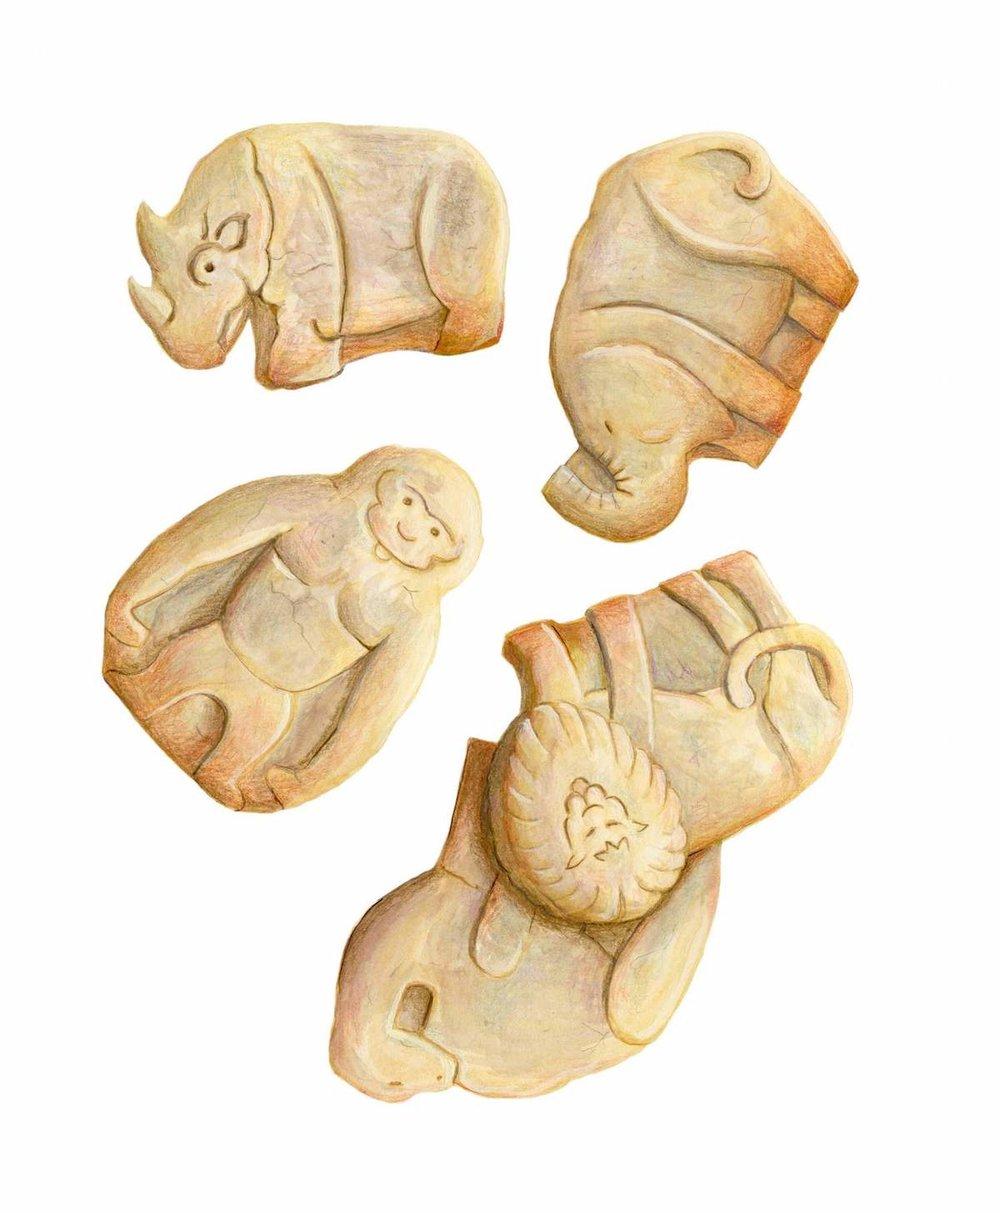 Animal Cookies Illustration